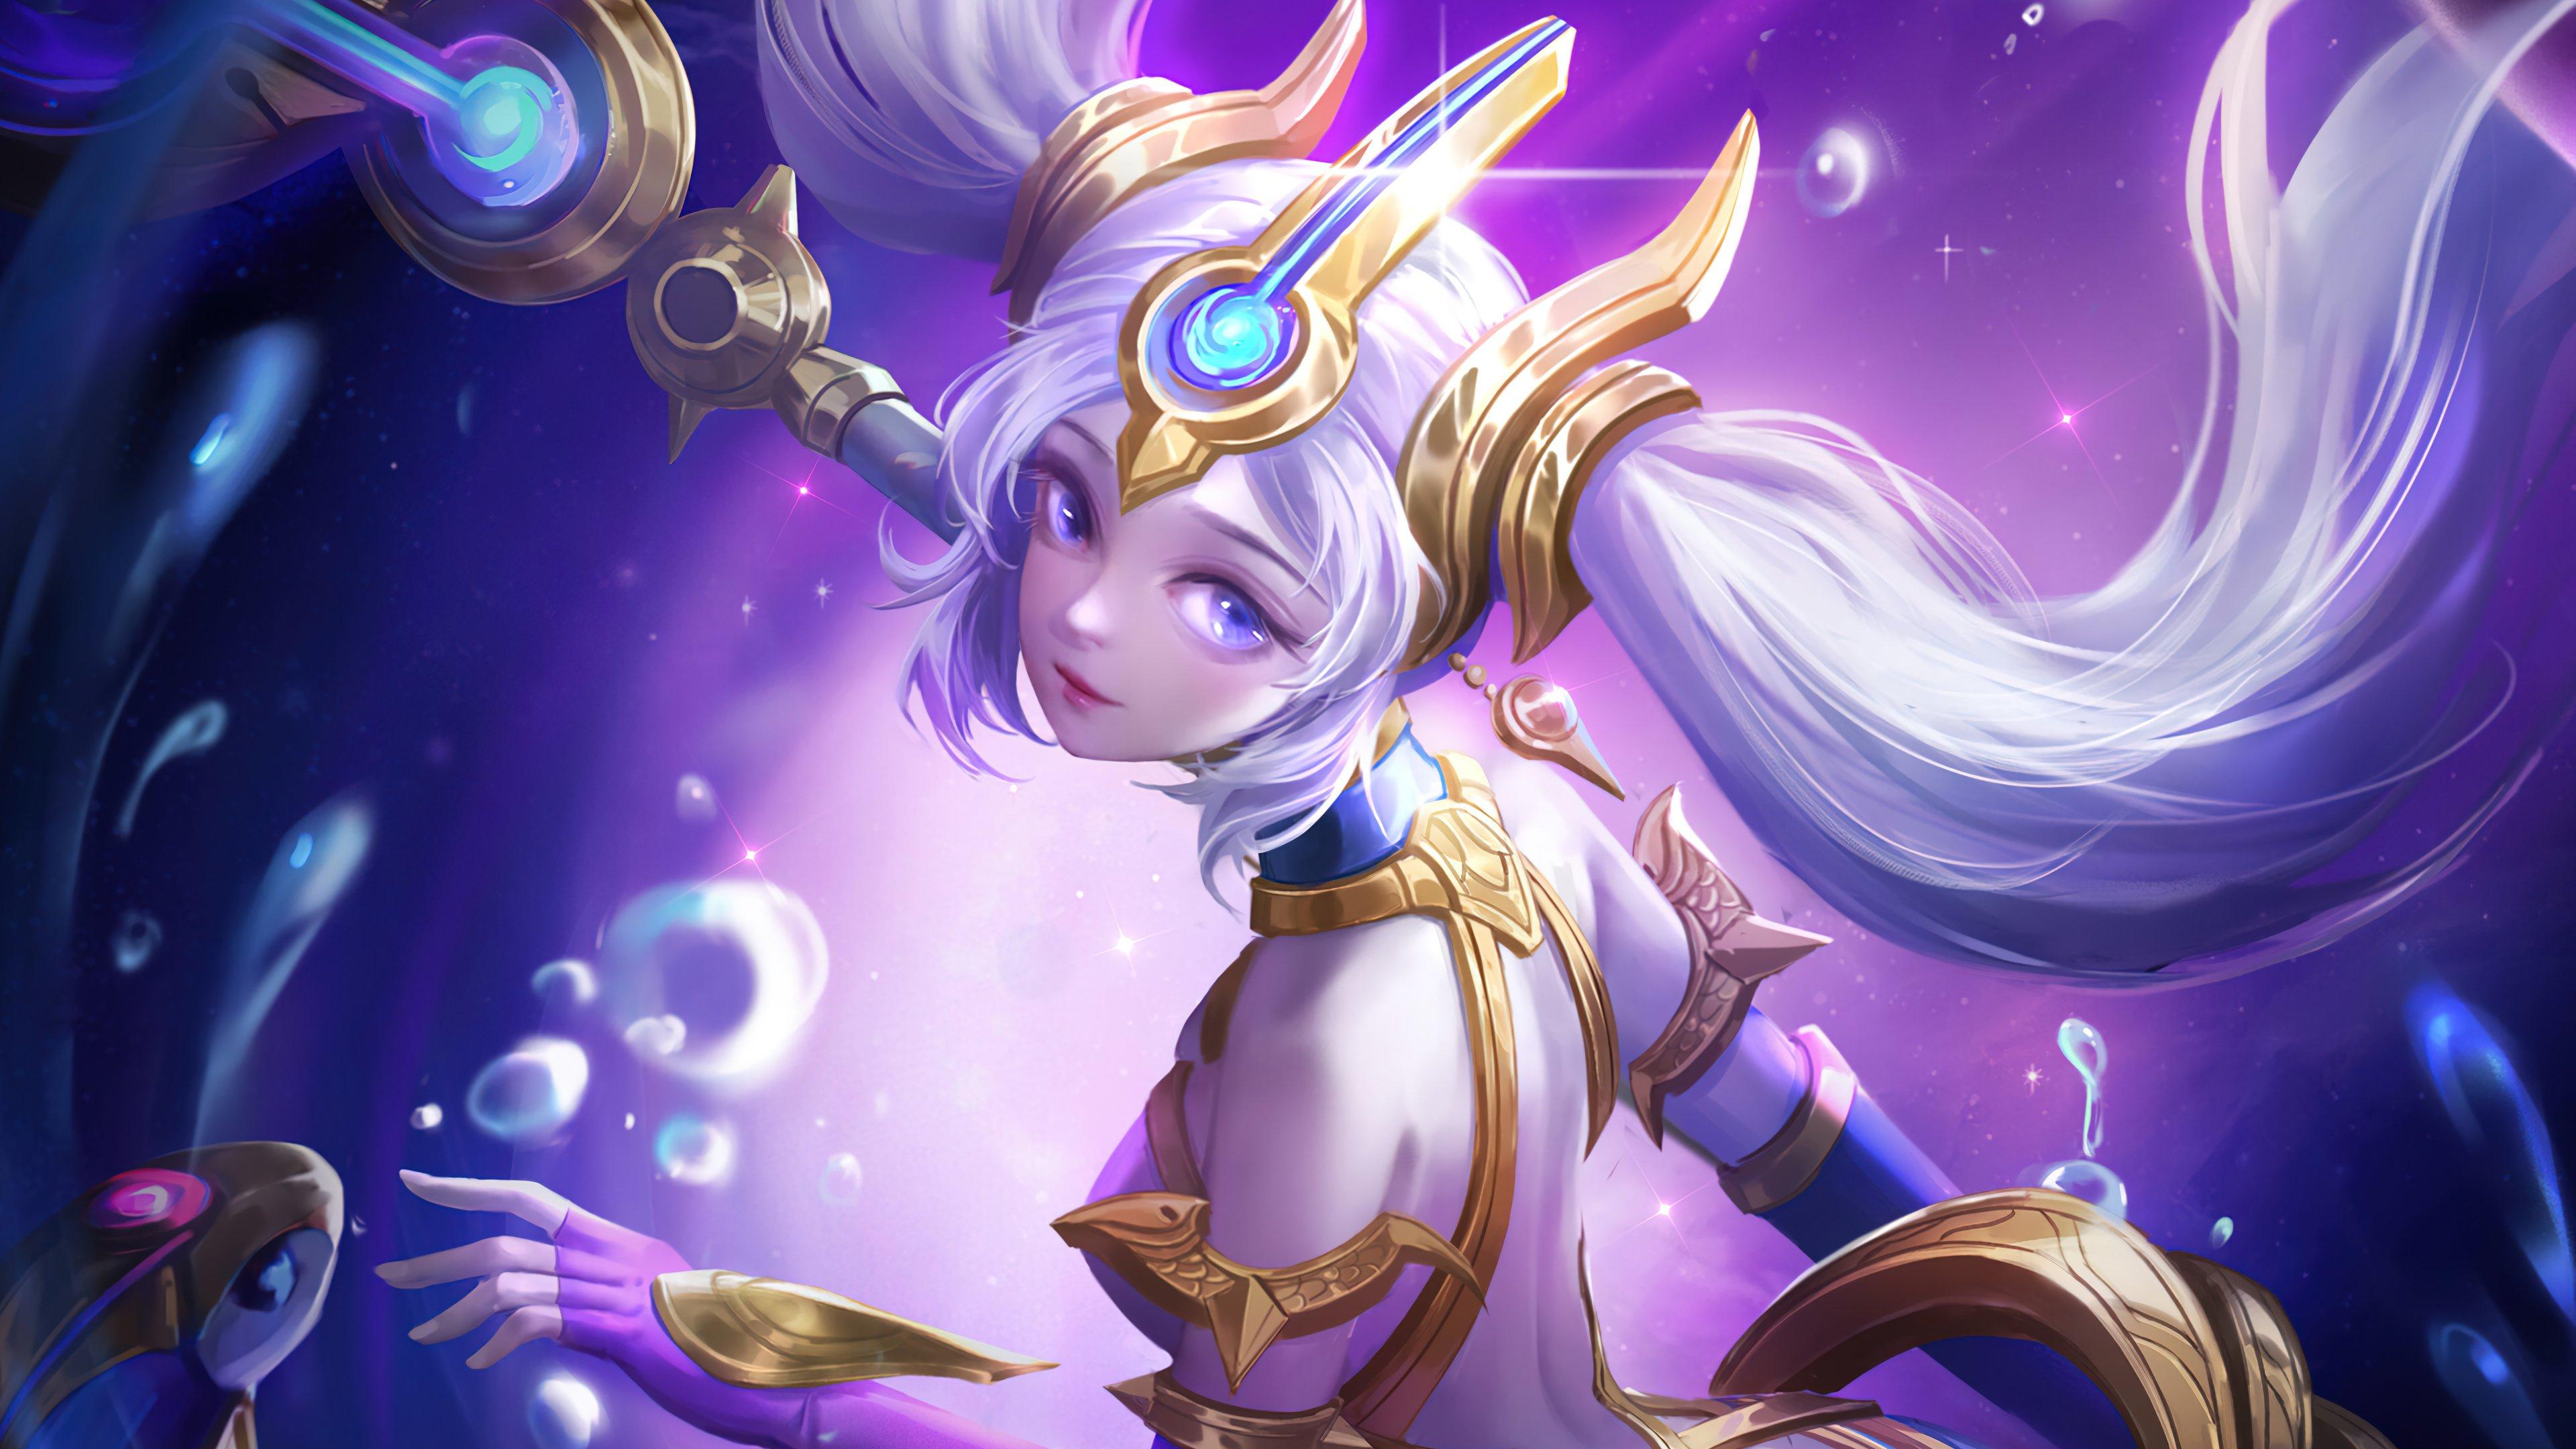 Wallpaper Nami Cosmic Destiny League of Legends